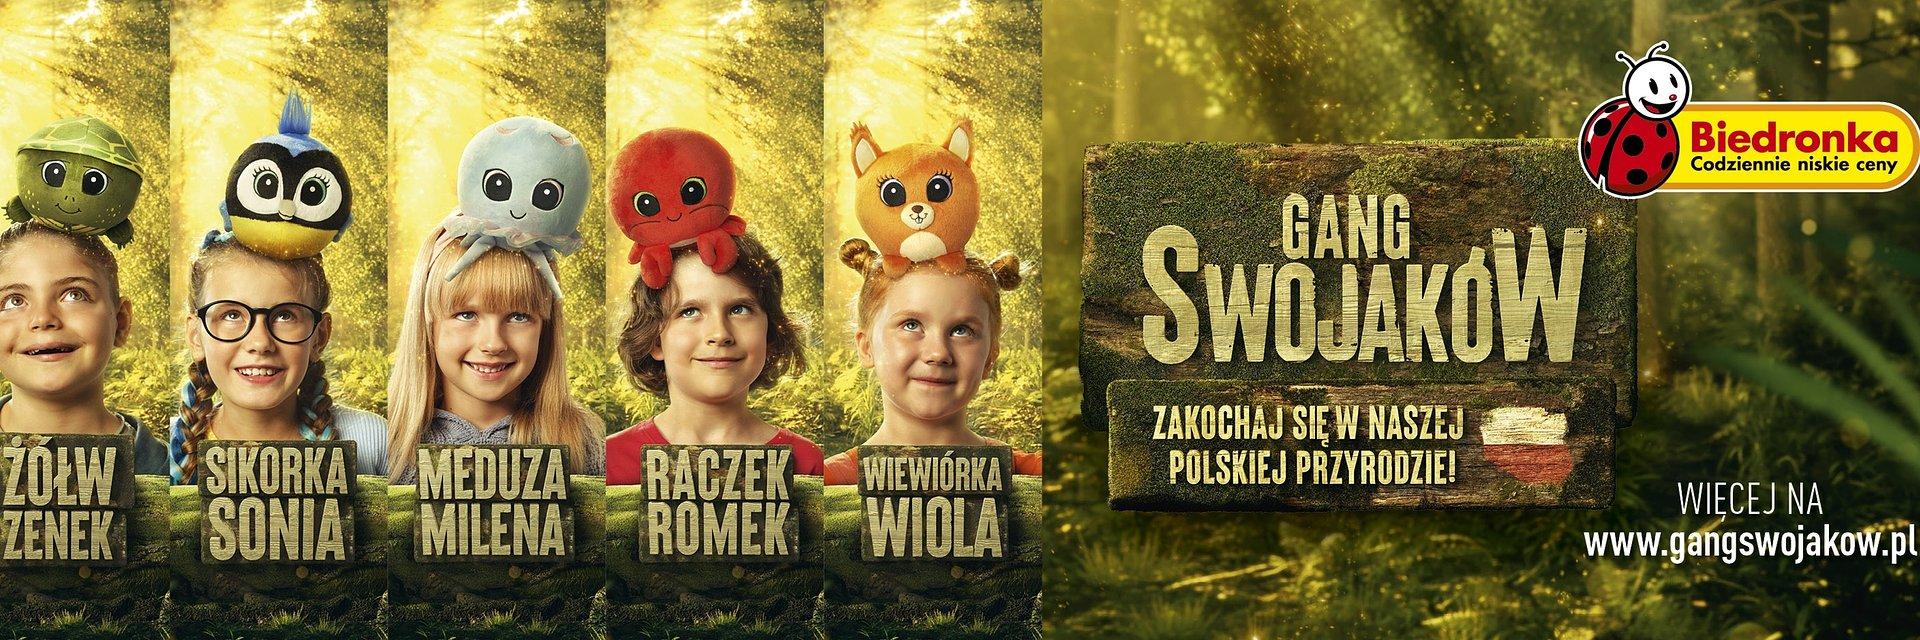 Biedronka wydała już ponad milion Swojaków. Pierwszy był Ryś